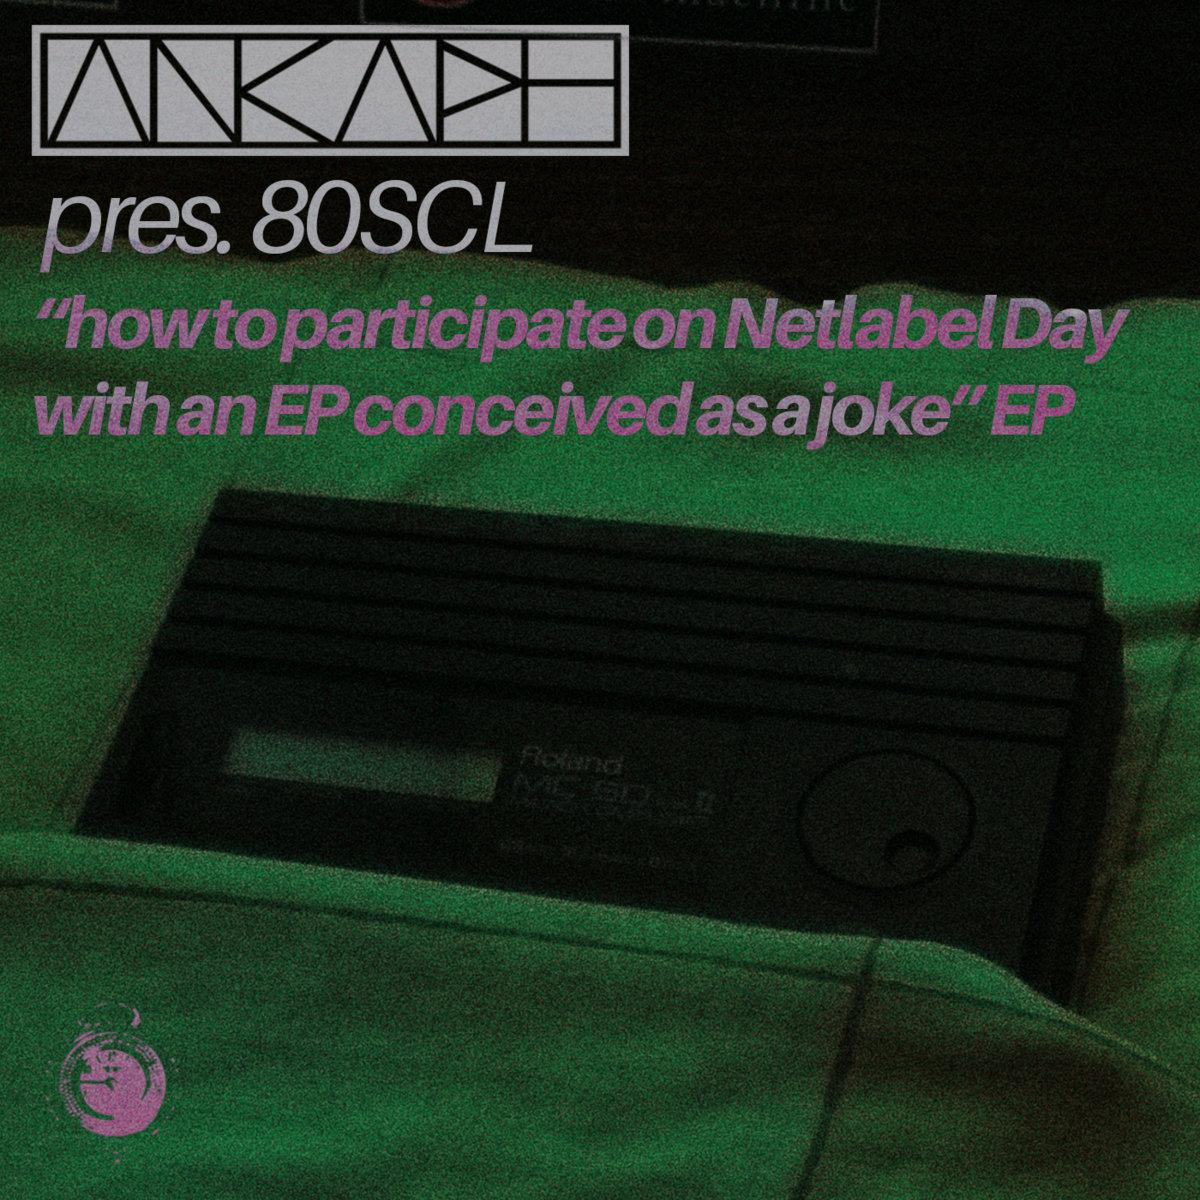 ankaph_80scl